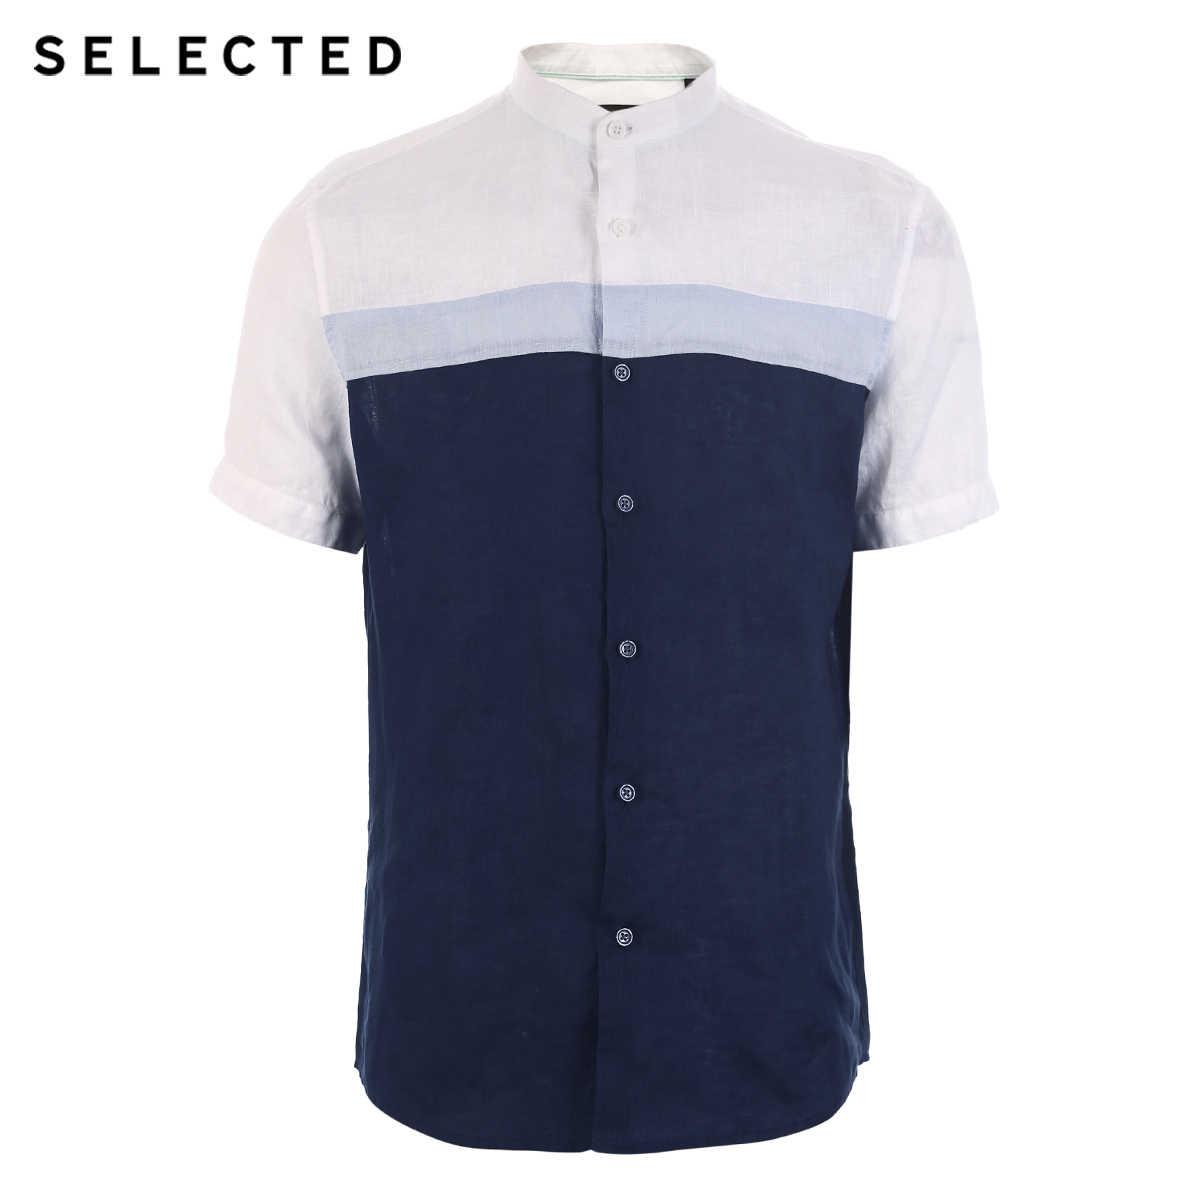 Мужская льняная Повседневная деловая рубашка с короткими рукавами, разные цвета, 419204520